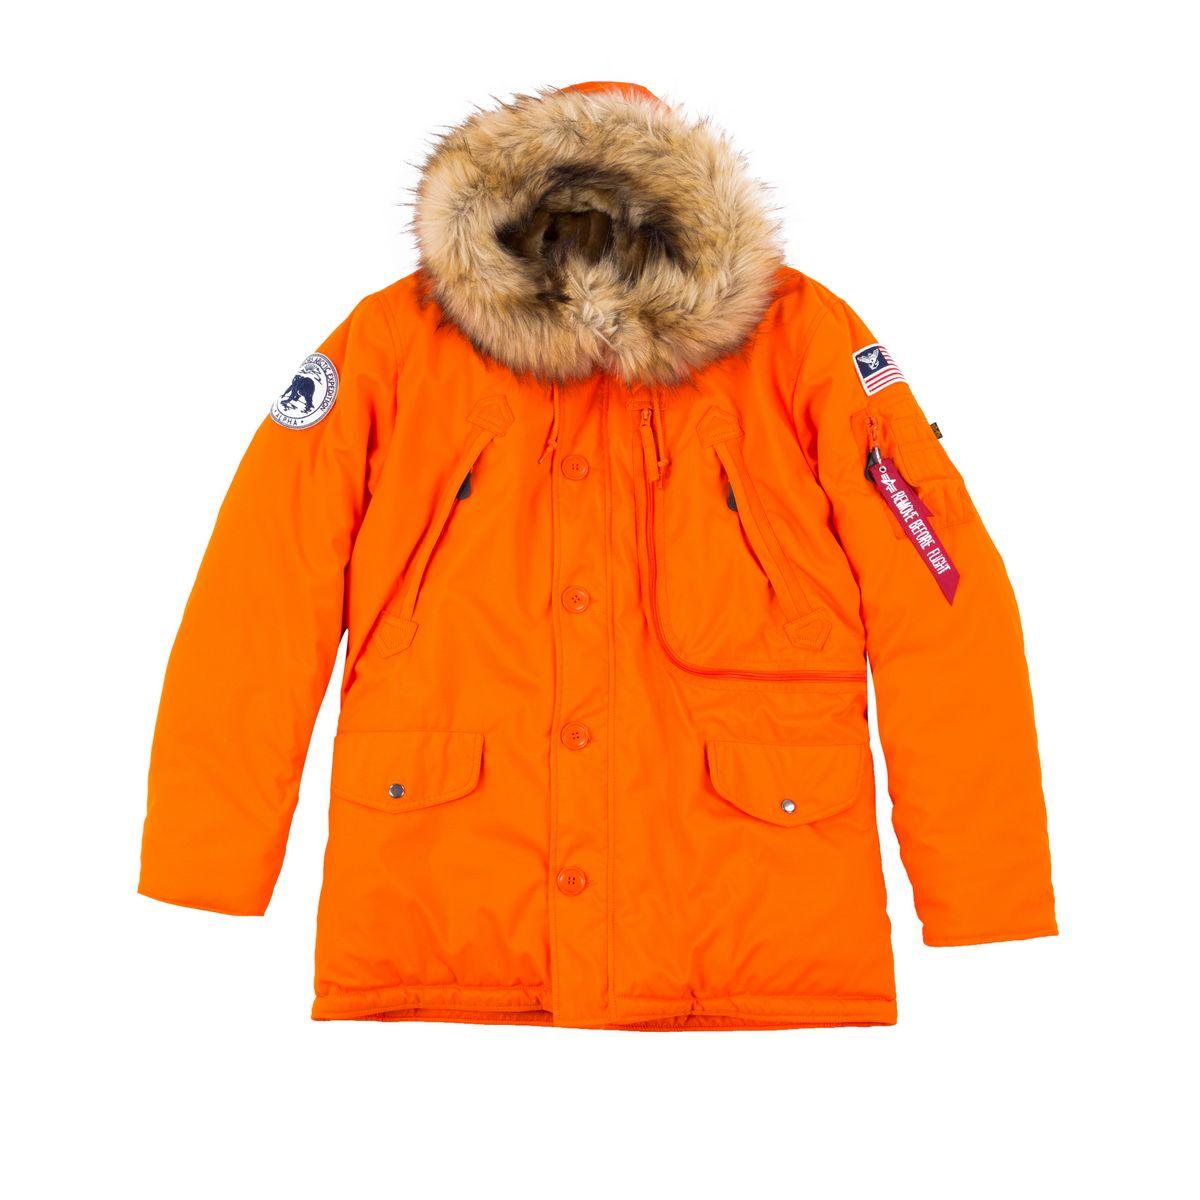 Alpha Industries Polar Winterjacke verschiedene Farben